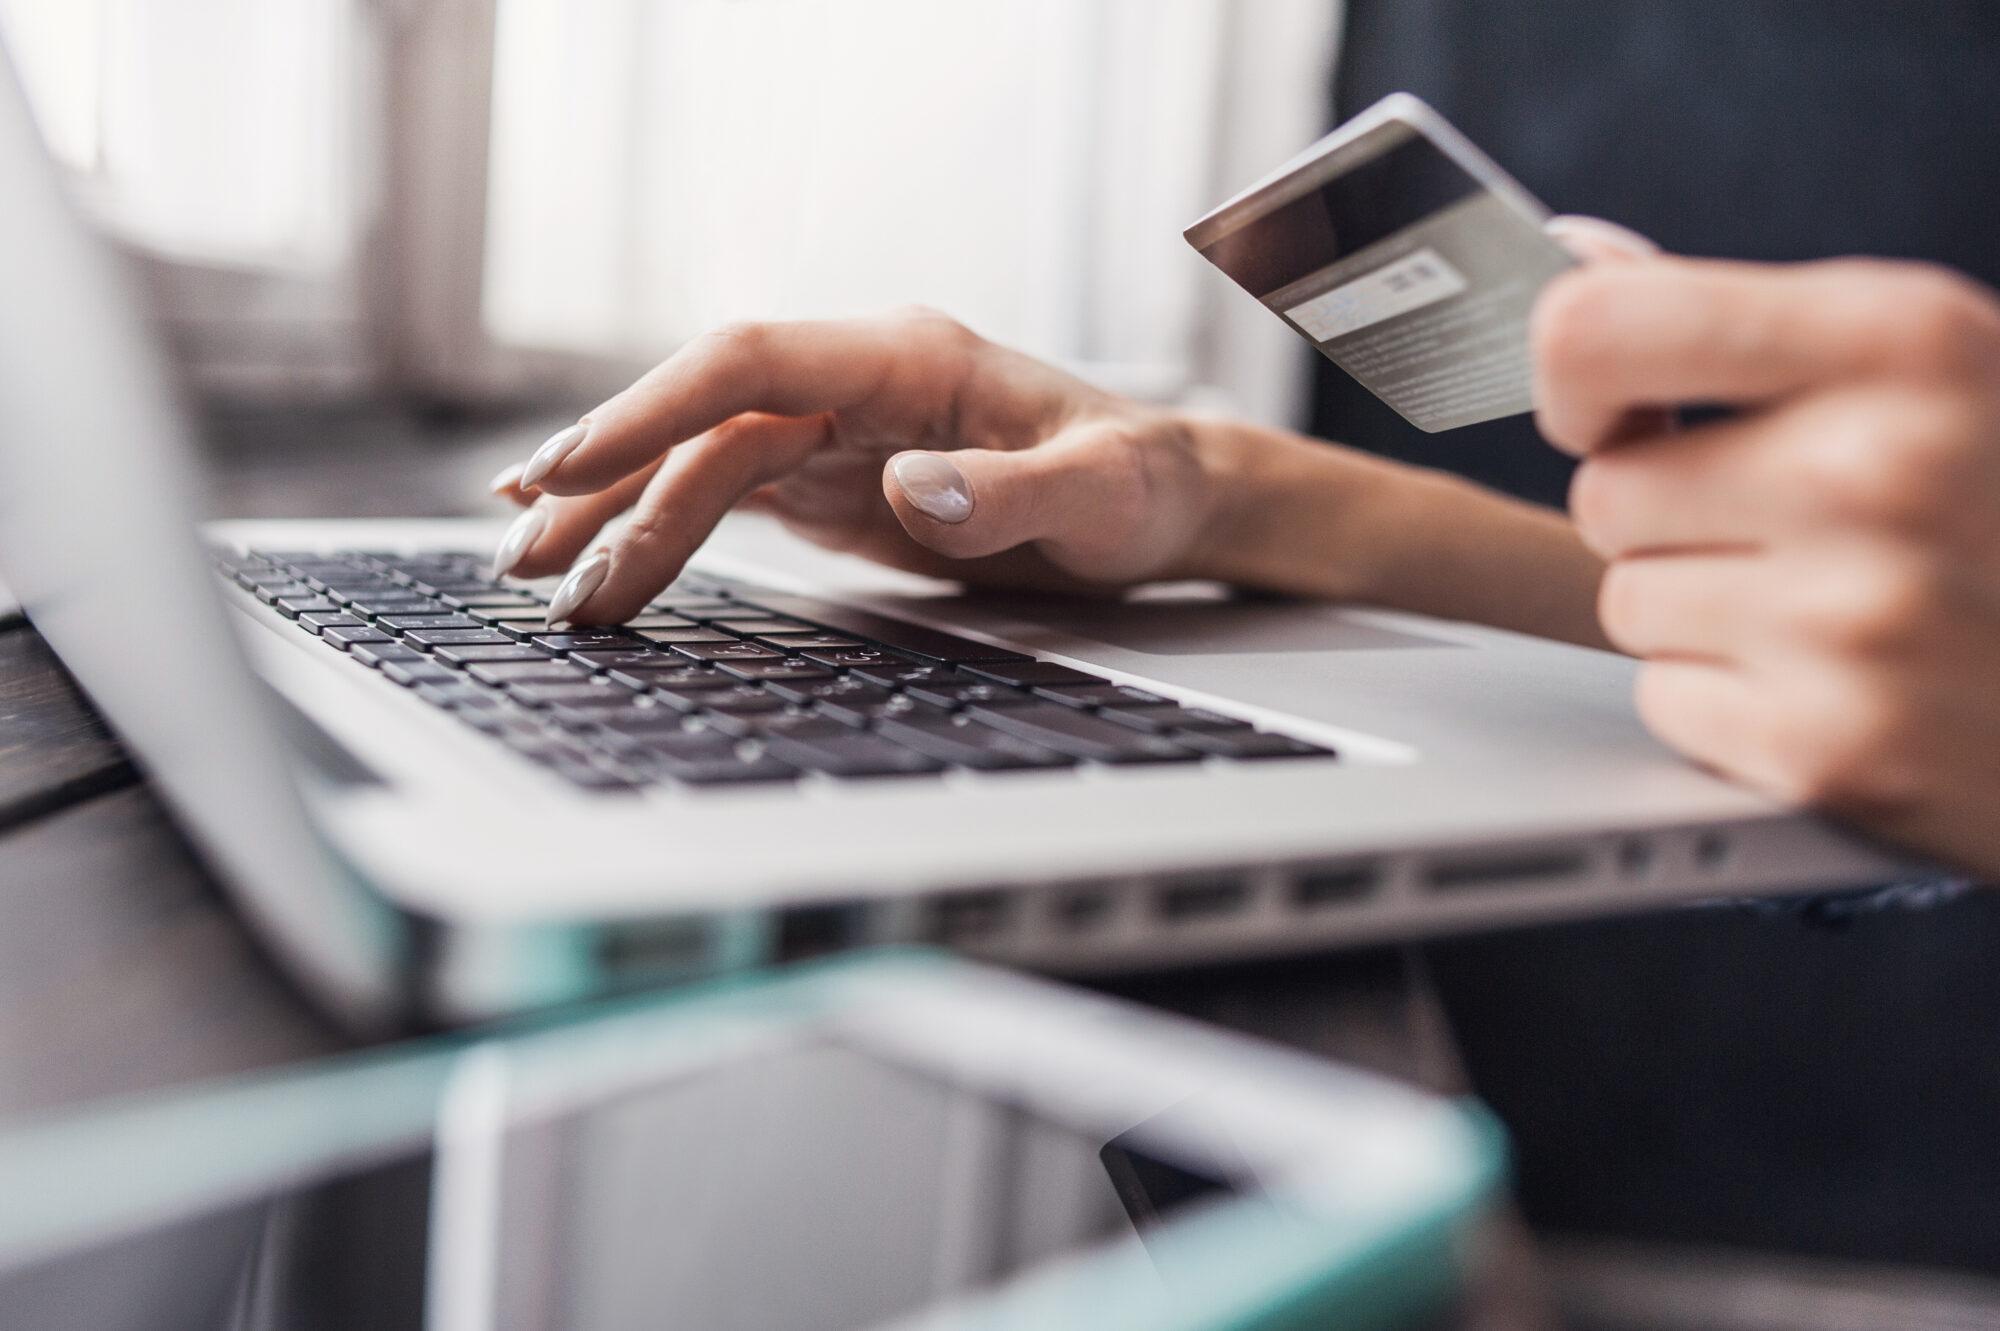 3 miljoen Nederlanders gebruiken online supermarkt